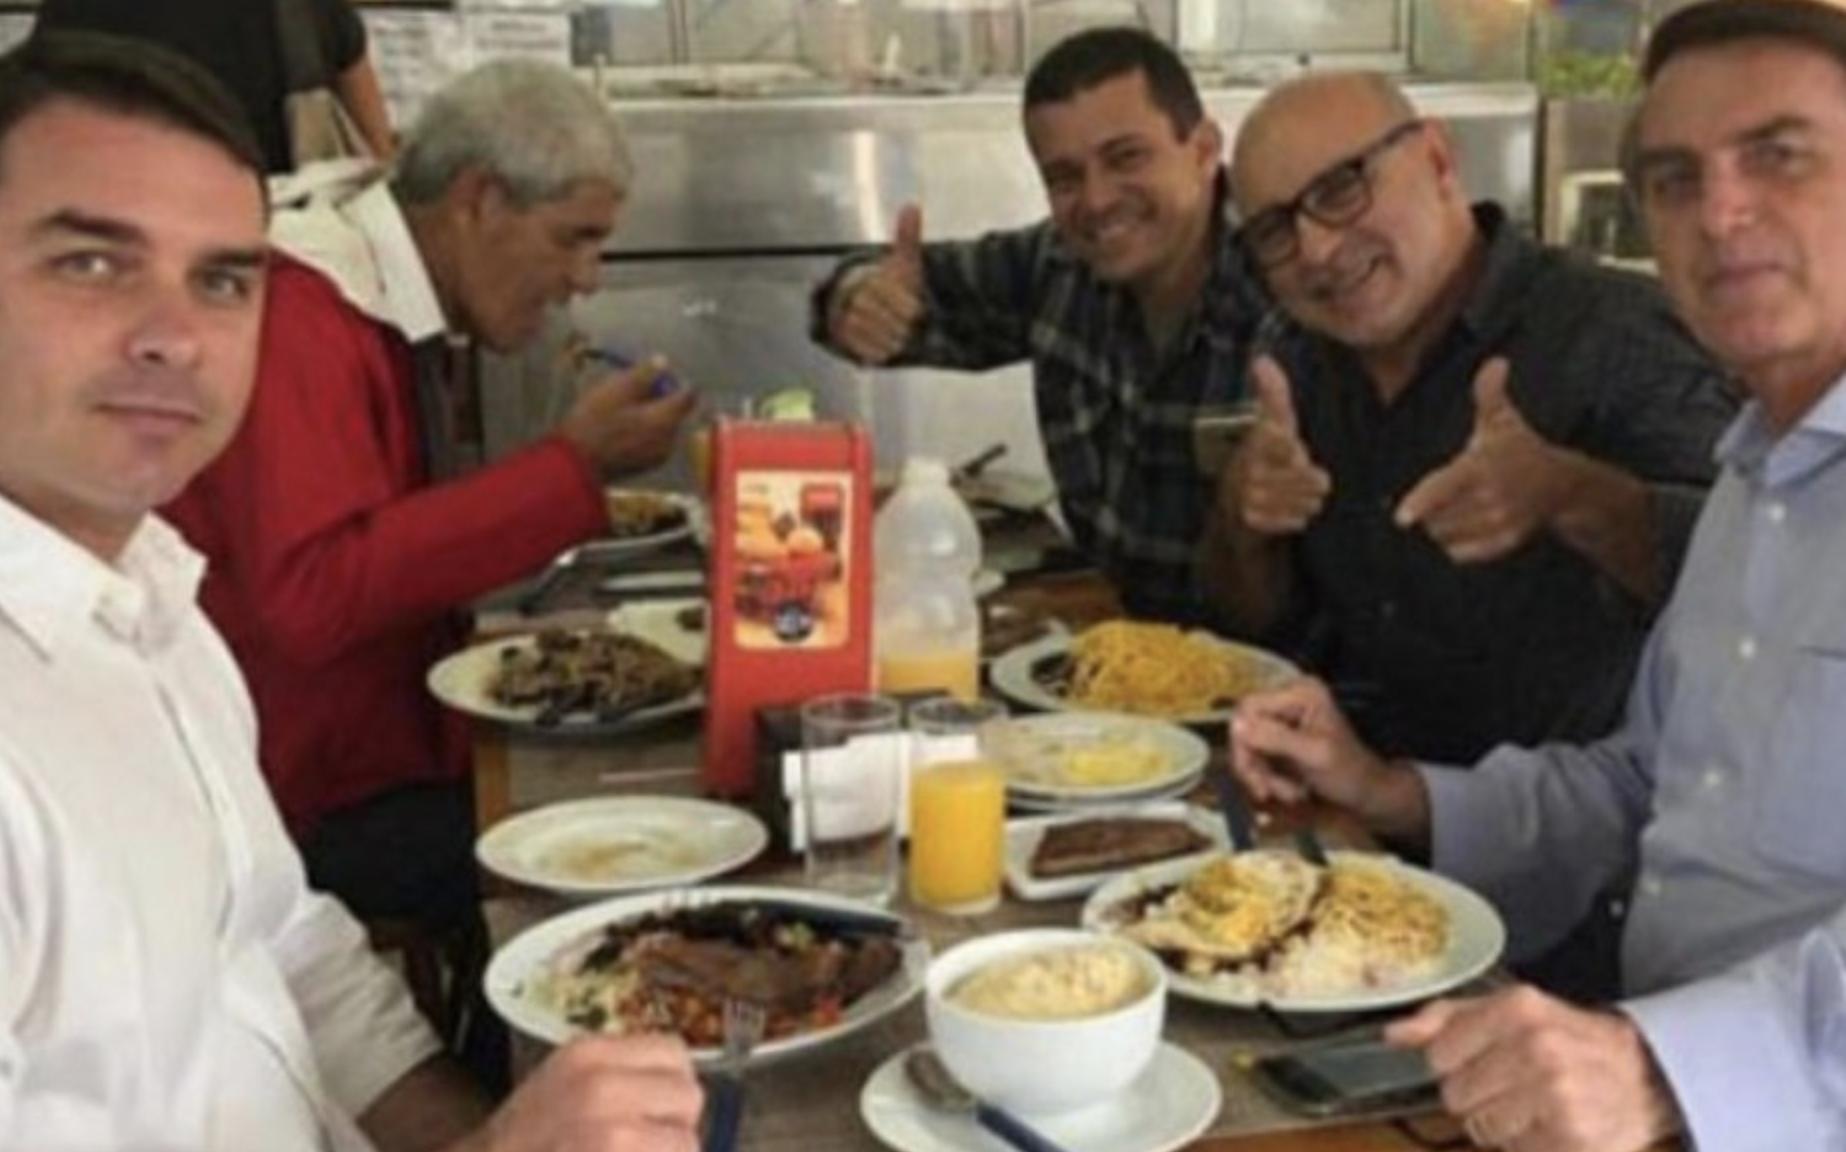 Motorista que movimentou R$ 7 milhões em três anos precisou de R$ 40 mil emprestados de Jair Bolsonaro. Esta é a versão oficial